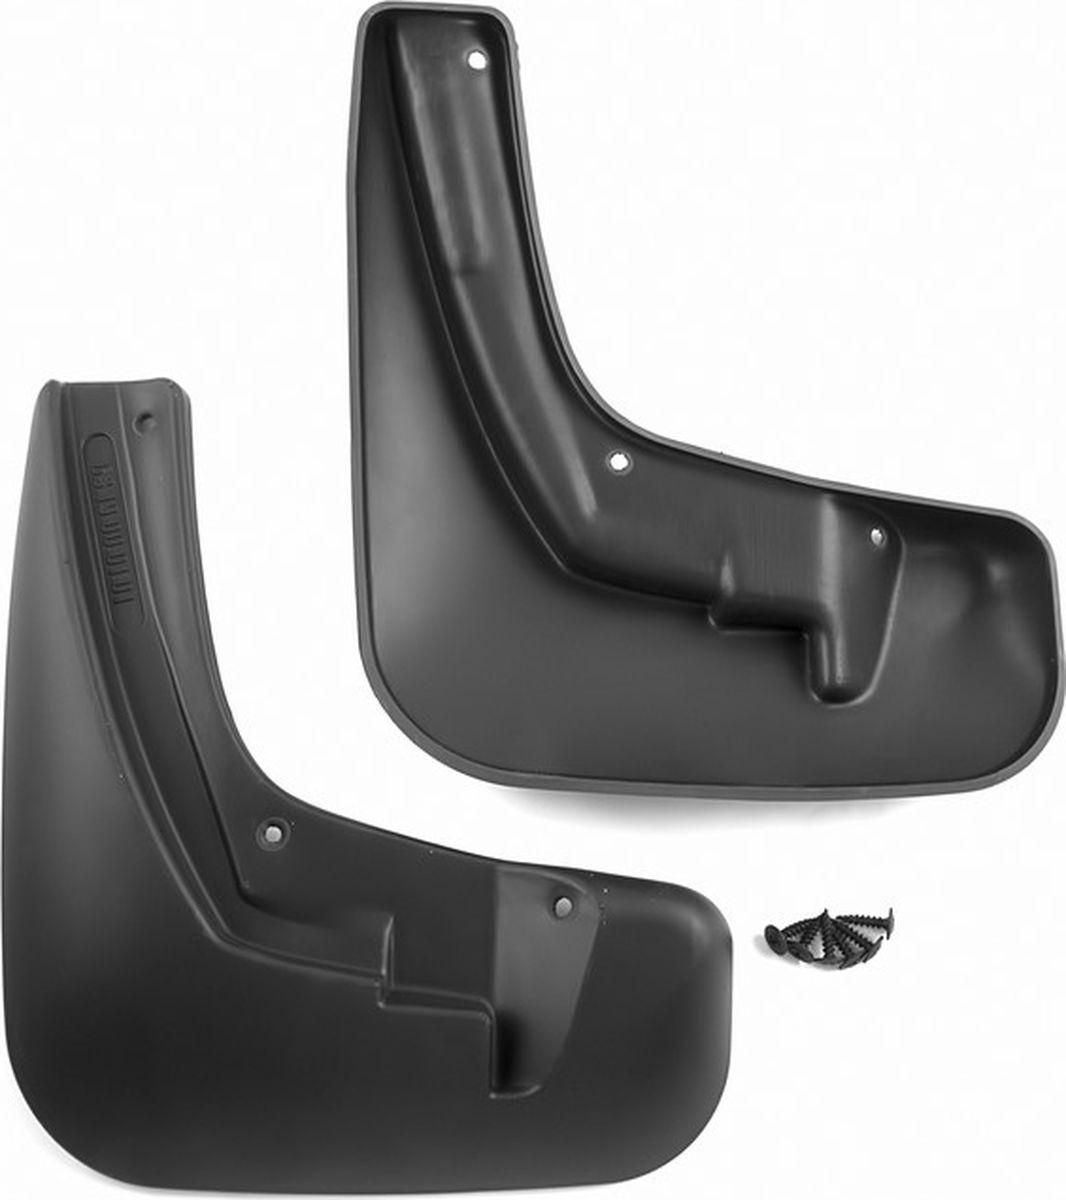 Комплект брызговиков передних Novline-Autofamily для Chery Arrizo 7 M16 седан, 2014-, 2 штNLF.63.19.F10Комплект Novline-Autofamily состоит из 2 передних брызговиков, изготовленных из высококачественного полиуретана. Изделия эффективно защищают кузов автомобиля от грязи и воды, формируют аэродинамический поток воздуха, создаваемый при движении вокруг кузова таким образом, чтобы максимально уменьшить образование грязевой измороси, оседающей на автомобиле. Разработаны индивидуально для каждой модели автомобиля. С эстетической точки зрения брызговики являются завершением колесных арок.